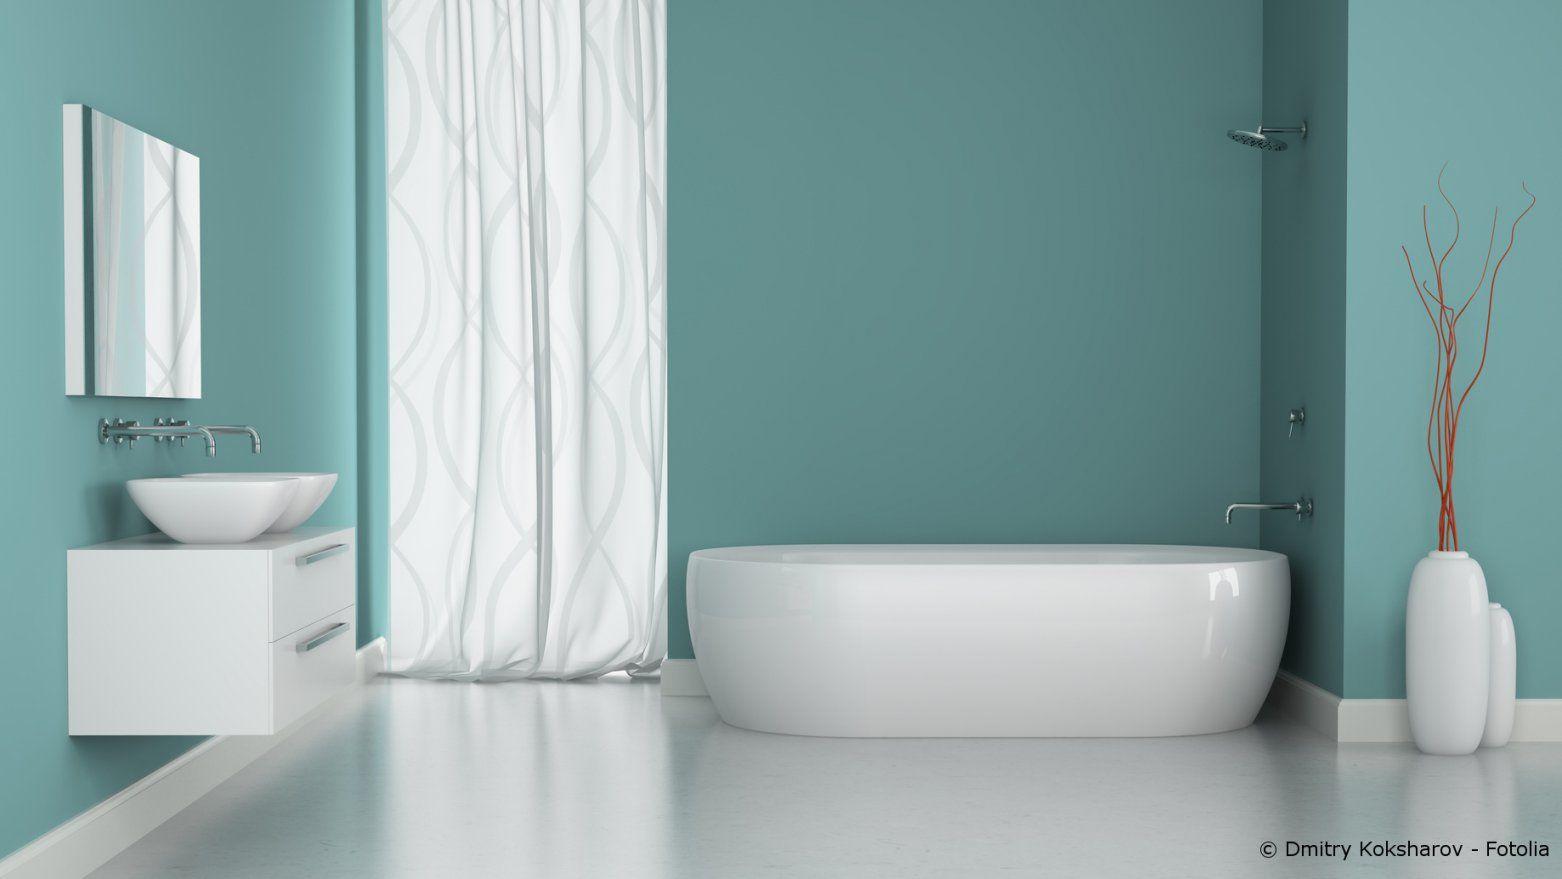 Feuchtigkeitsschutz Im Bad  Streichen Oder Tapezieren  Maler Und von Badezimmer Tapete Oder Putz Bild